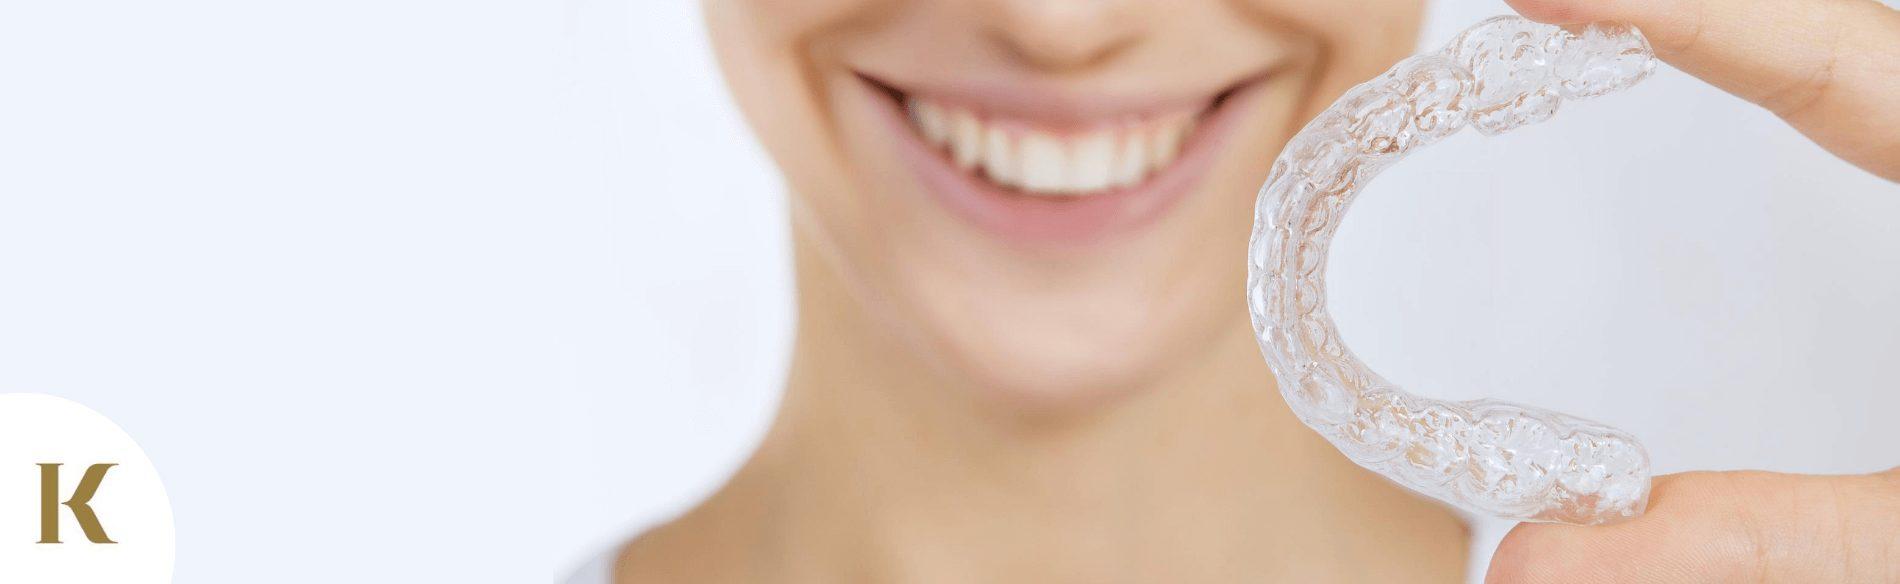 woman using tooth whitening kit